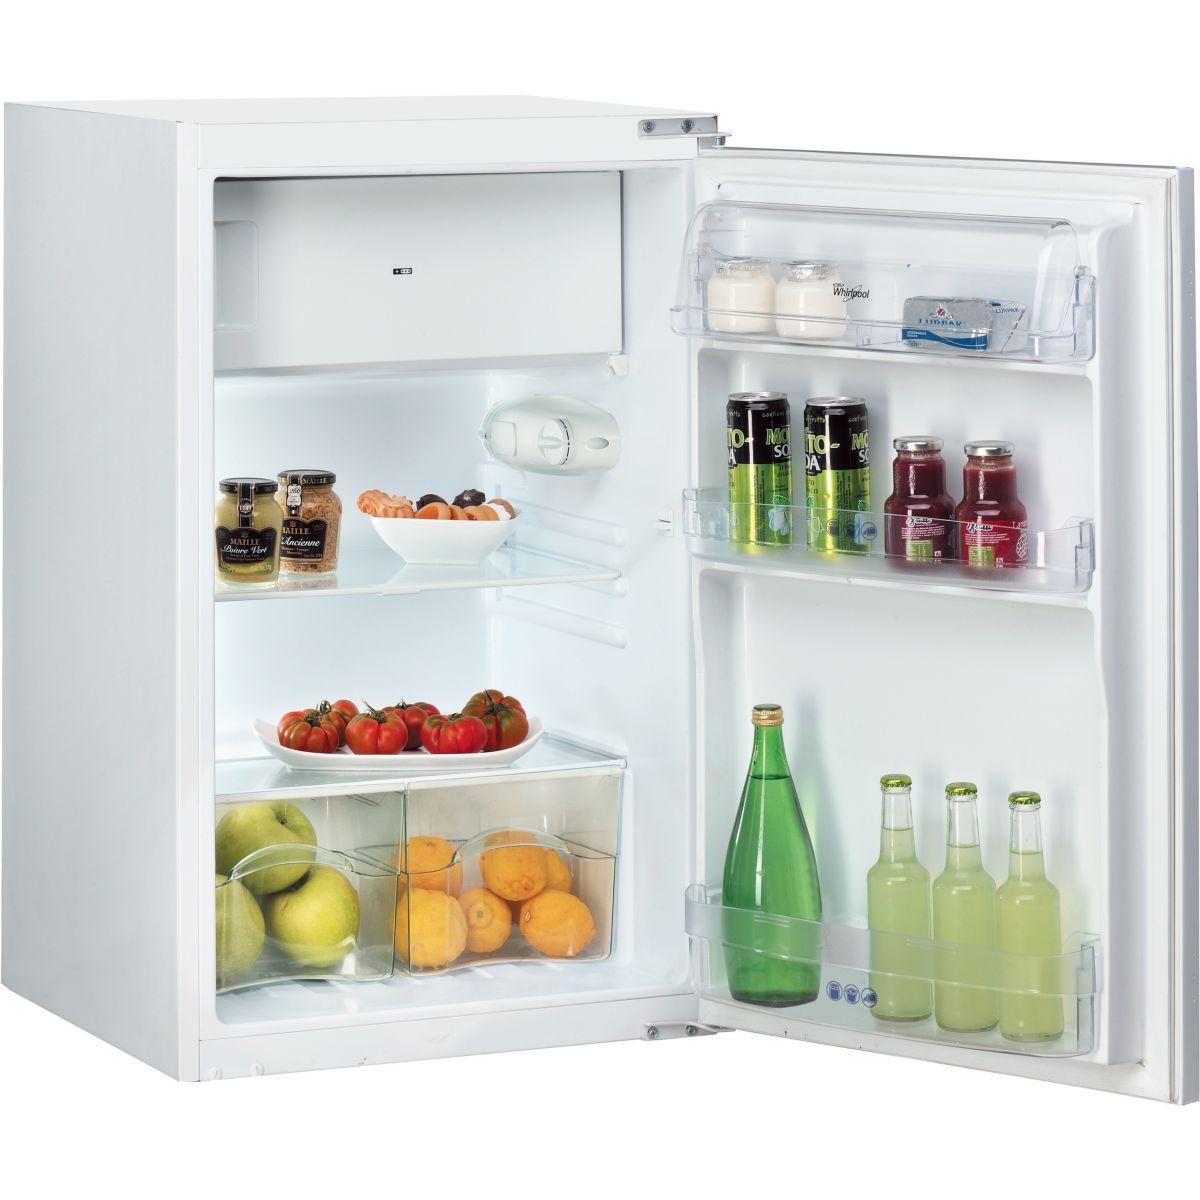 Réfrigérateur encastrable whirlpool arg450/a+ - 2% de remise immédiate avec le code : cool2 (photo)